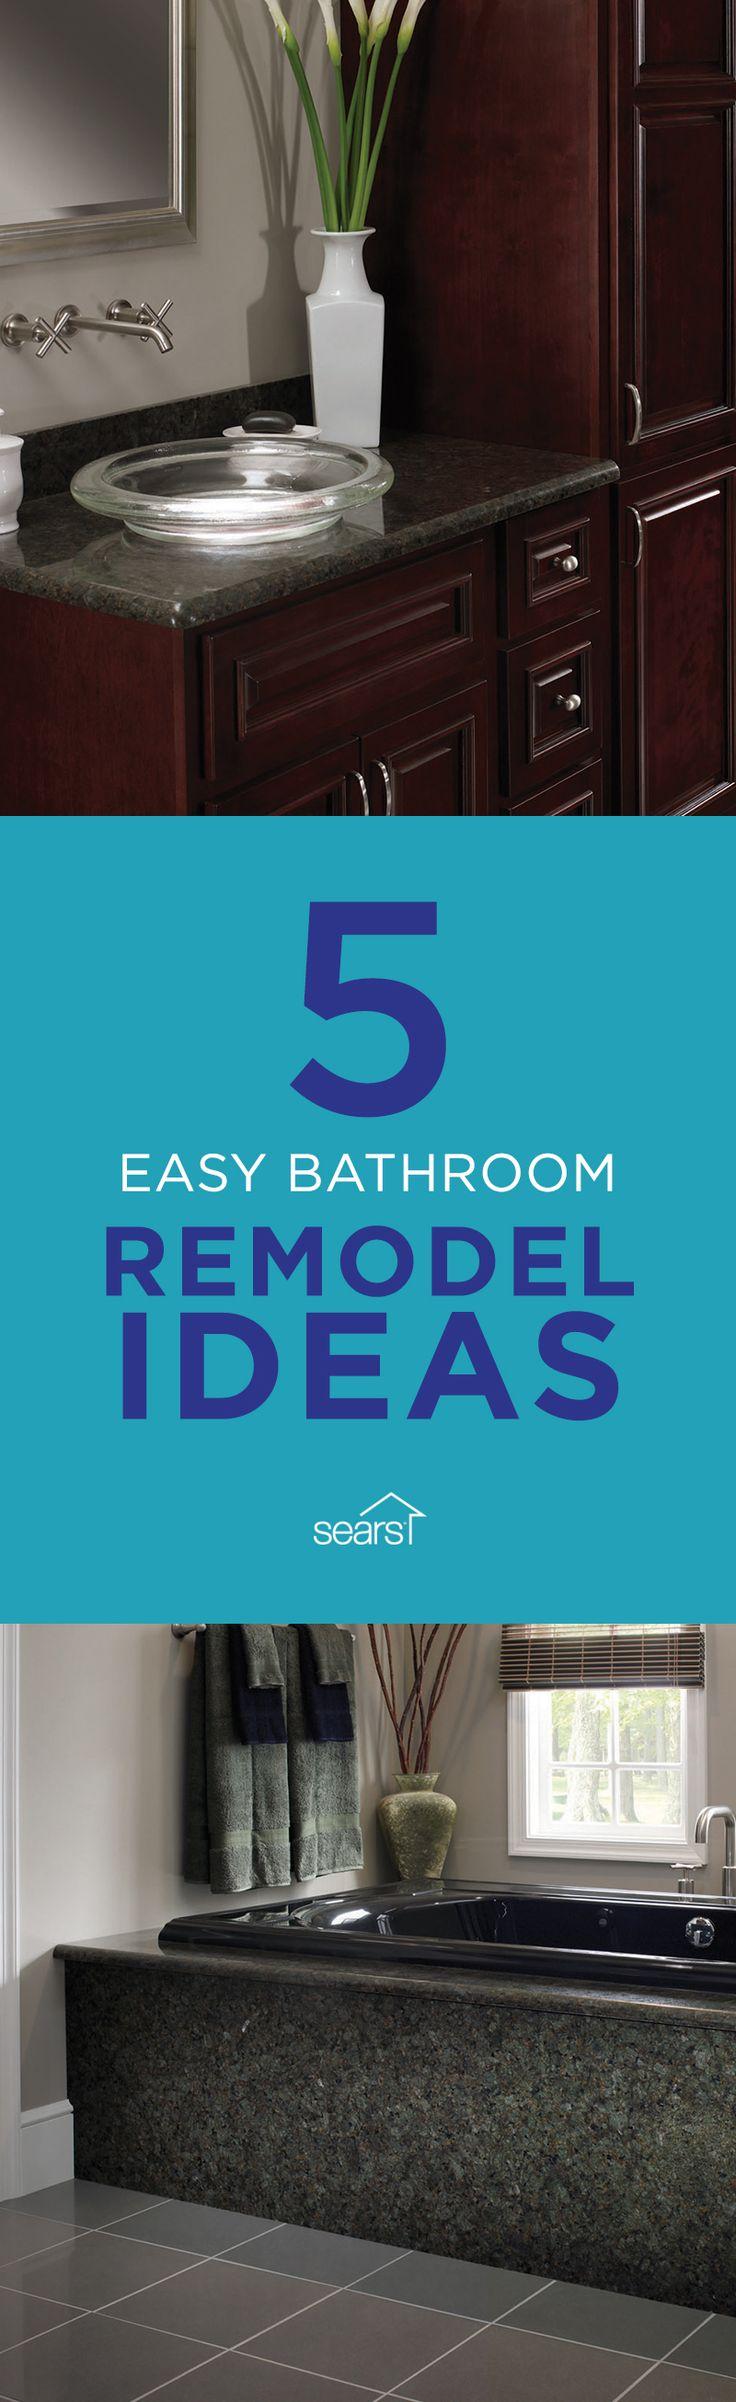 13 best Bathroom Remodel & Renovation images on Pinterest | Bathroom ...